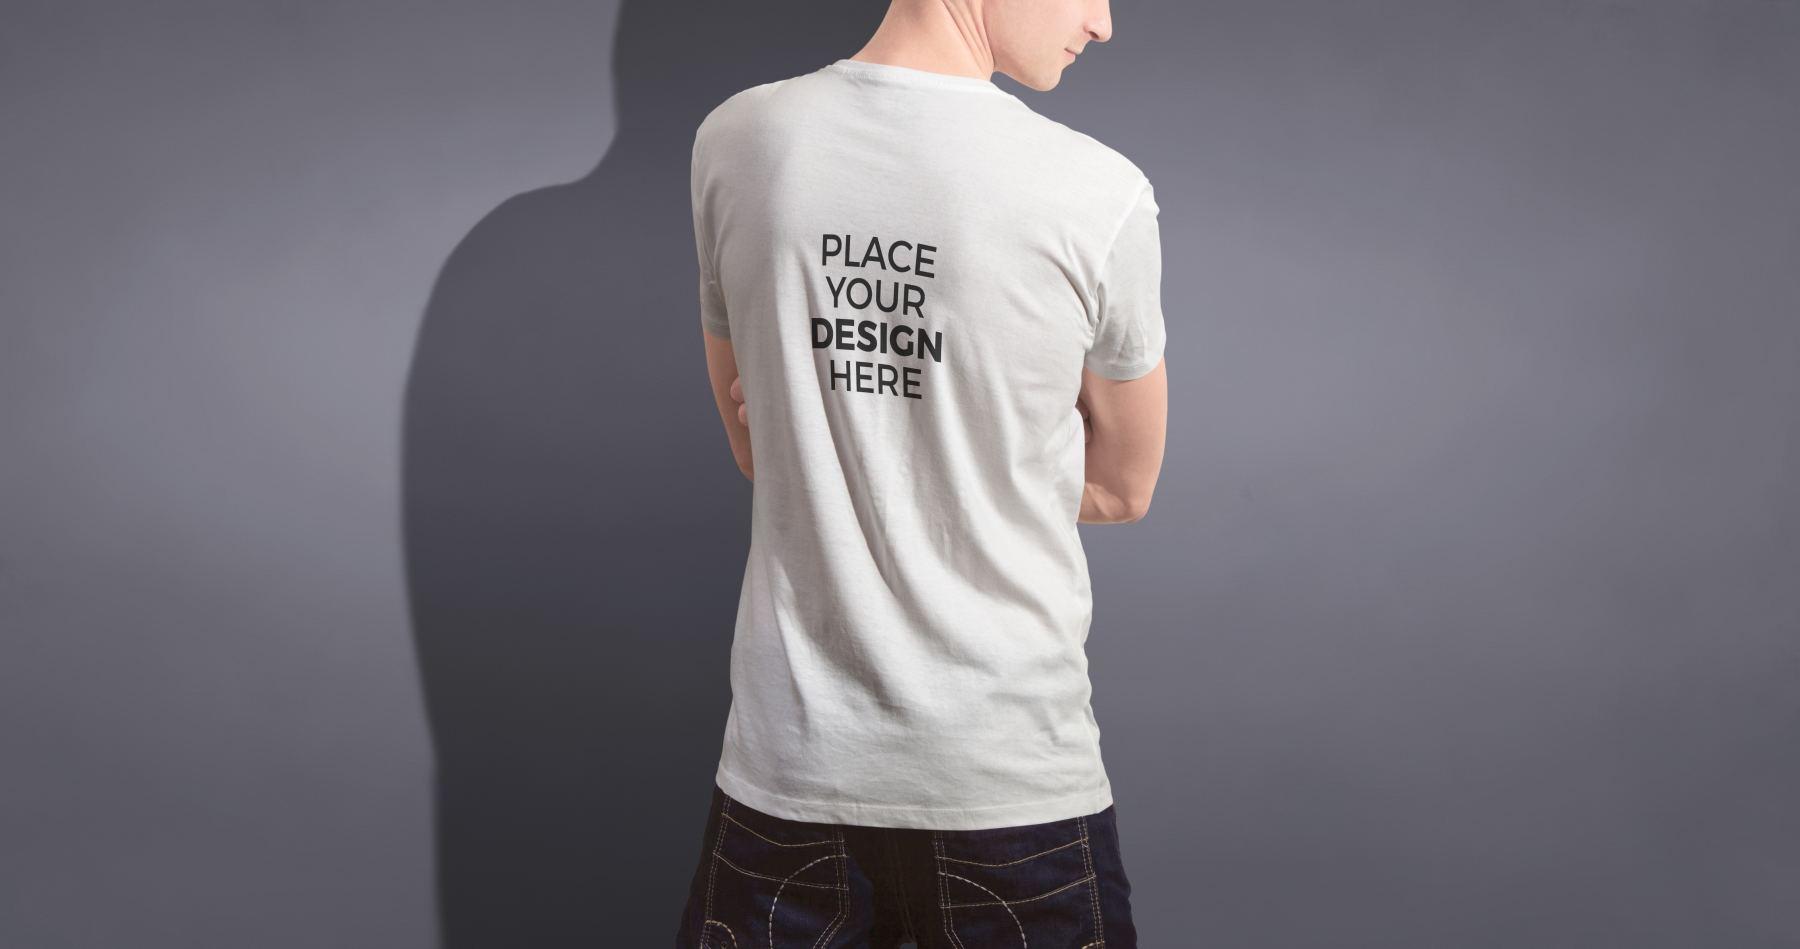 9d4ae728519b61b - 潮流印花短袖T恤男款模特服饰上装样机